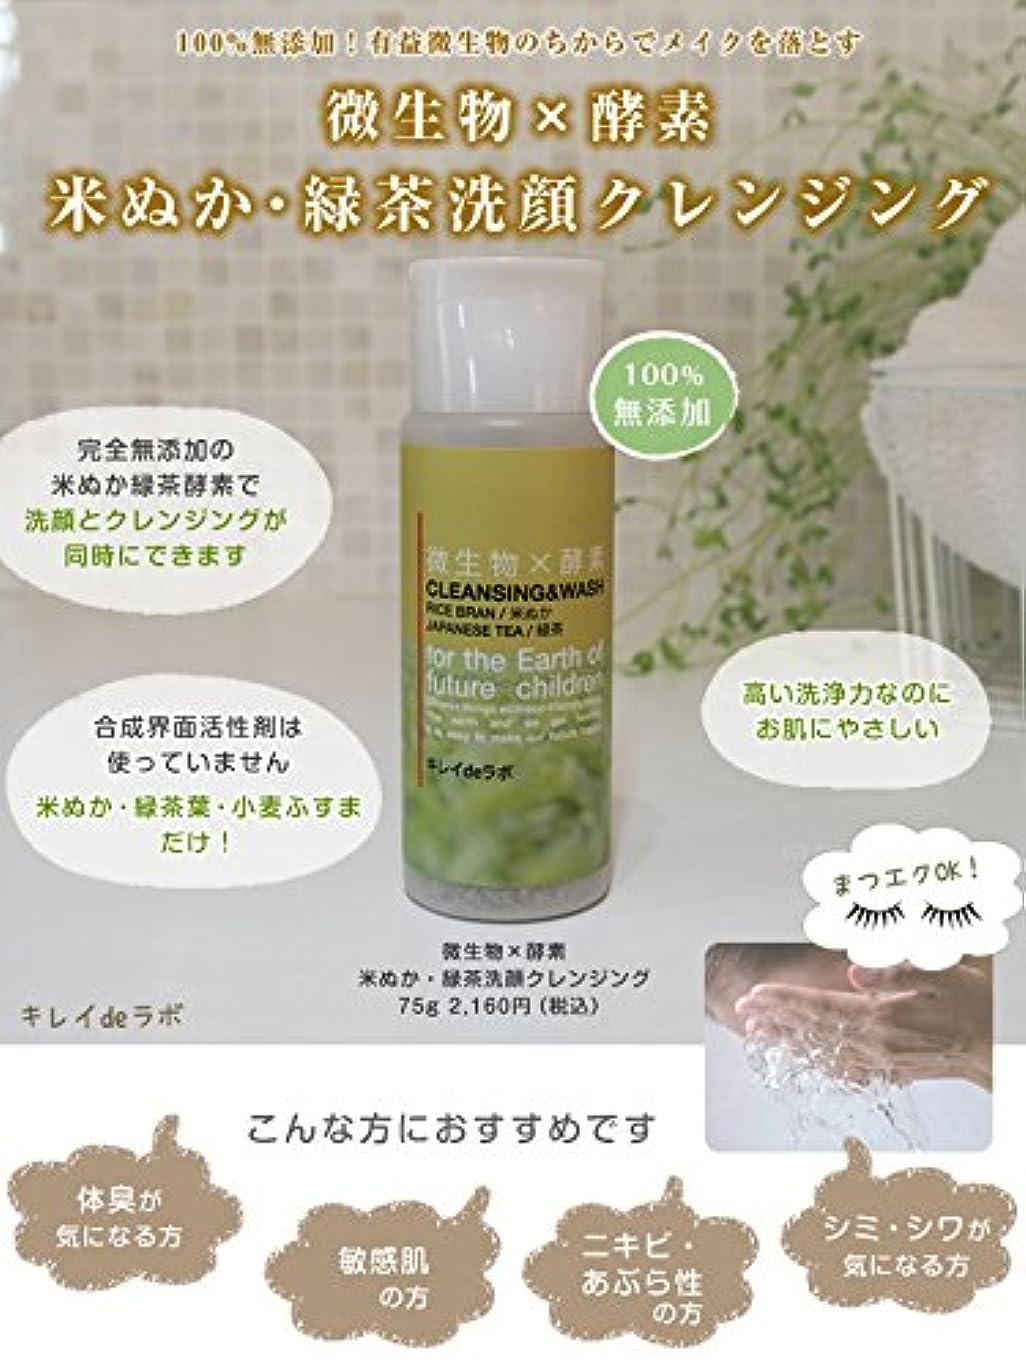 安心させるエッセンス自動化微生物×酵素 米ぬか緑茶洗顔クレンジング100%無添加 マツエクOK … (本体 75g) みんなでみらいを 米ぬか使用